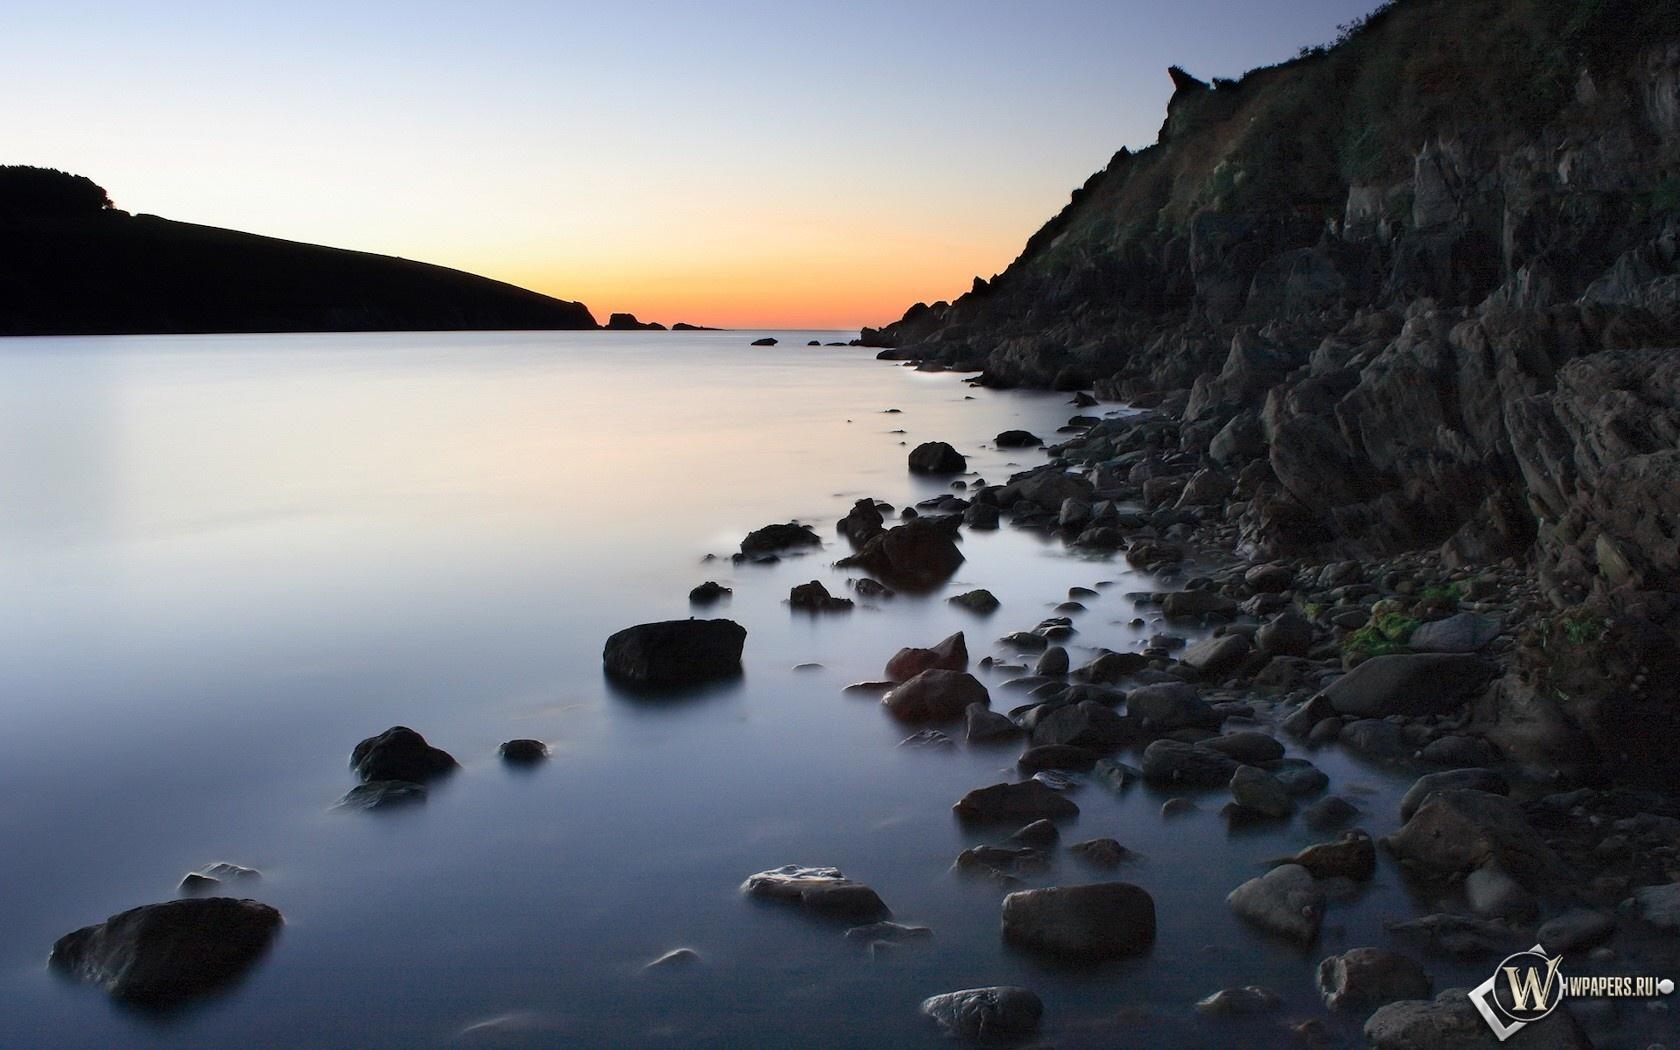 Каменистый берег 1680x1050